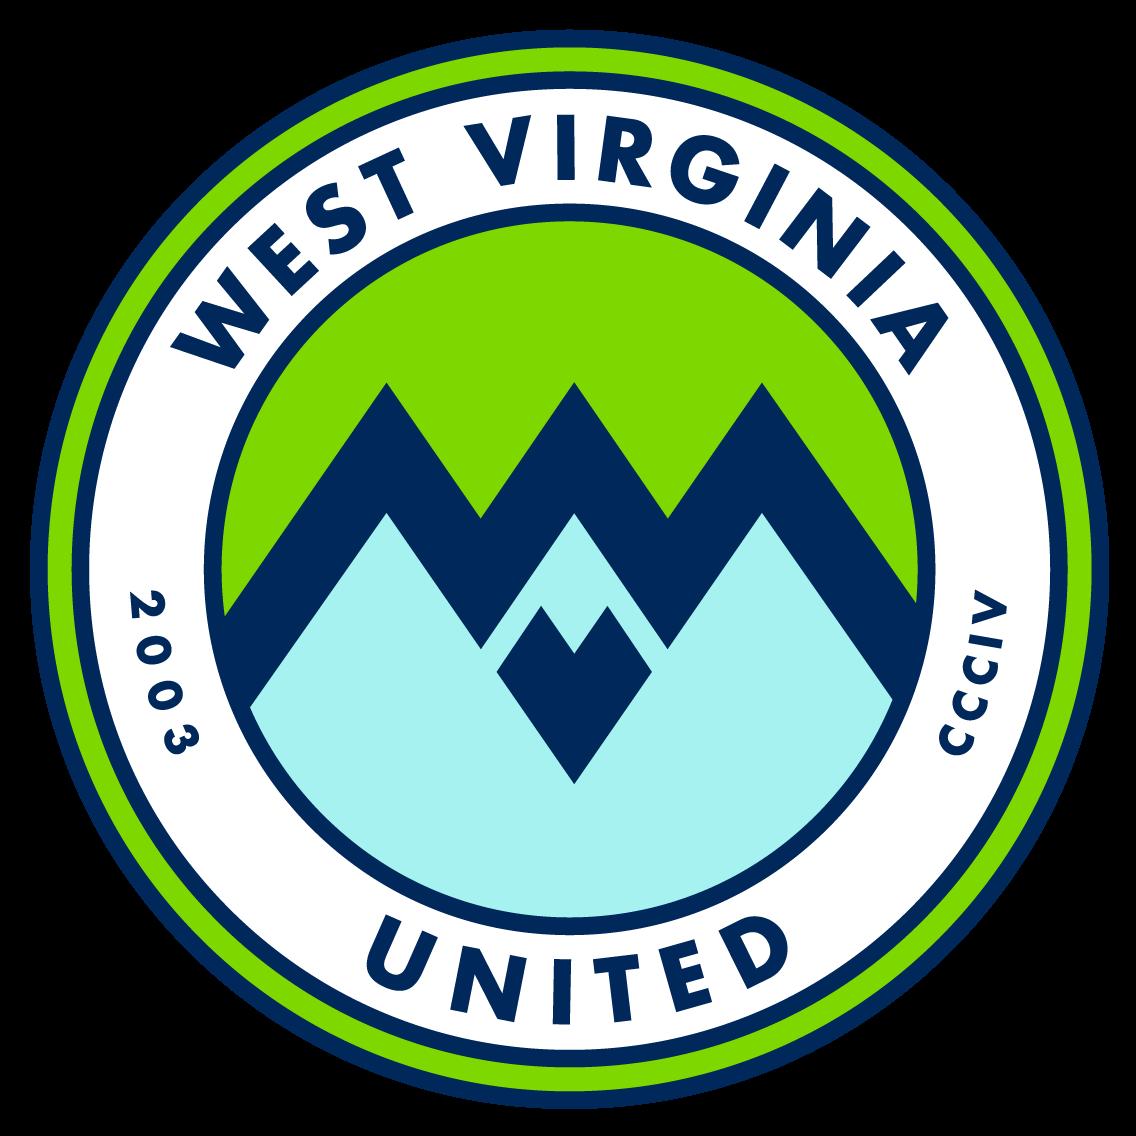 West Virginia United